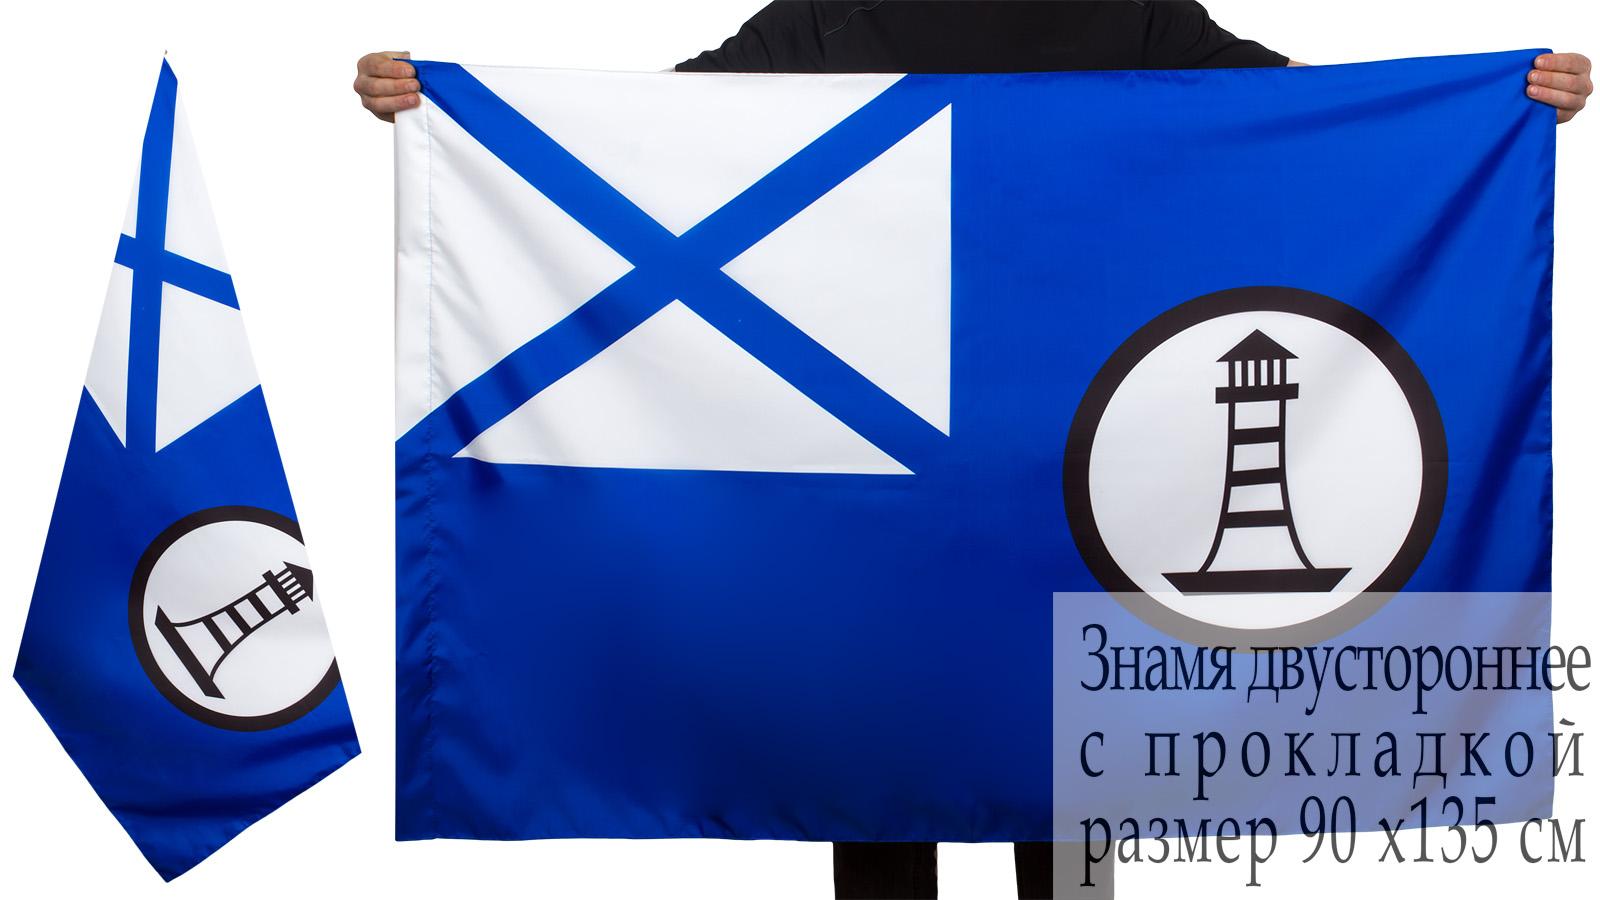 Флаг гидрографической службы ВМФ России